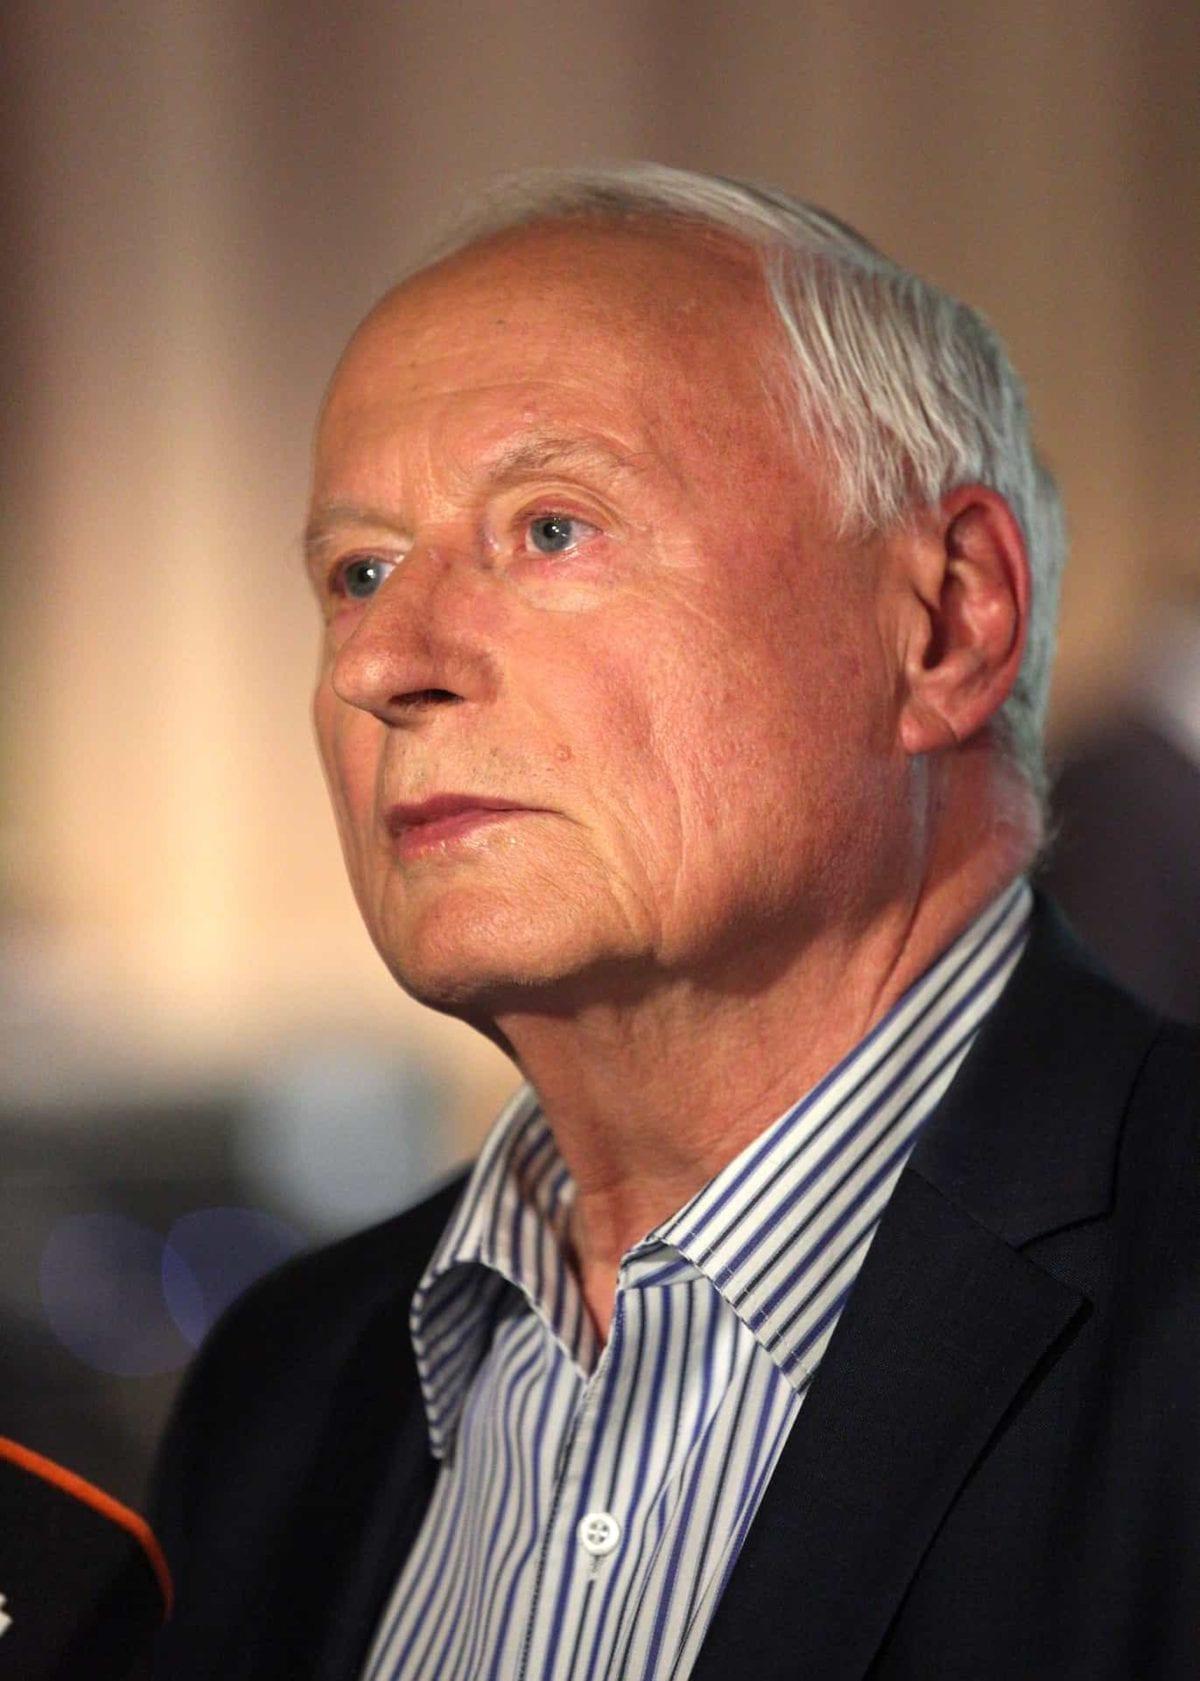 Oskar Lafontaine, die AfD und warum er richtig liegt